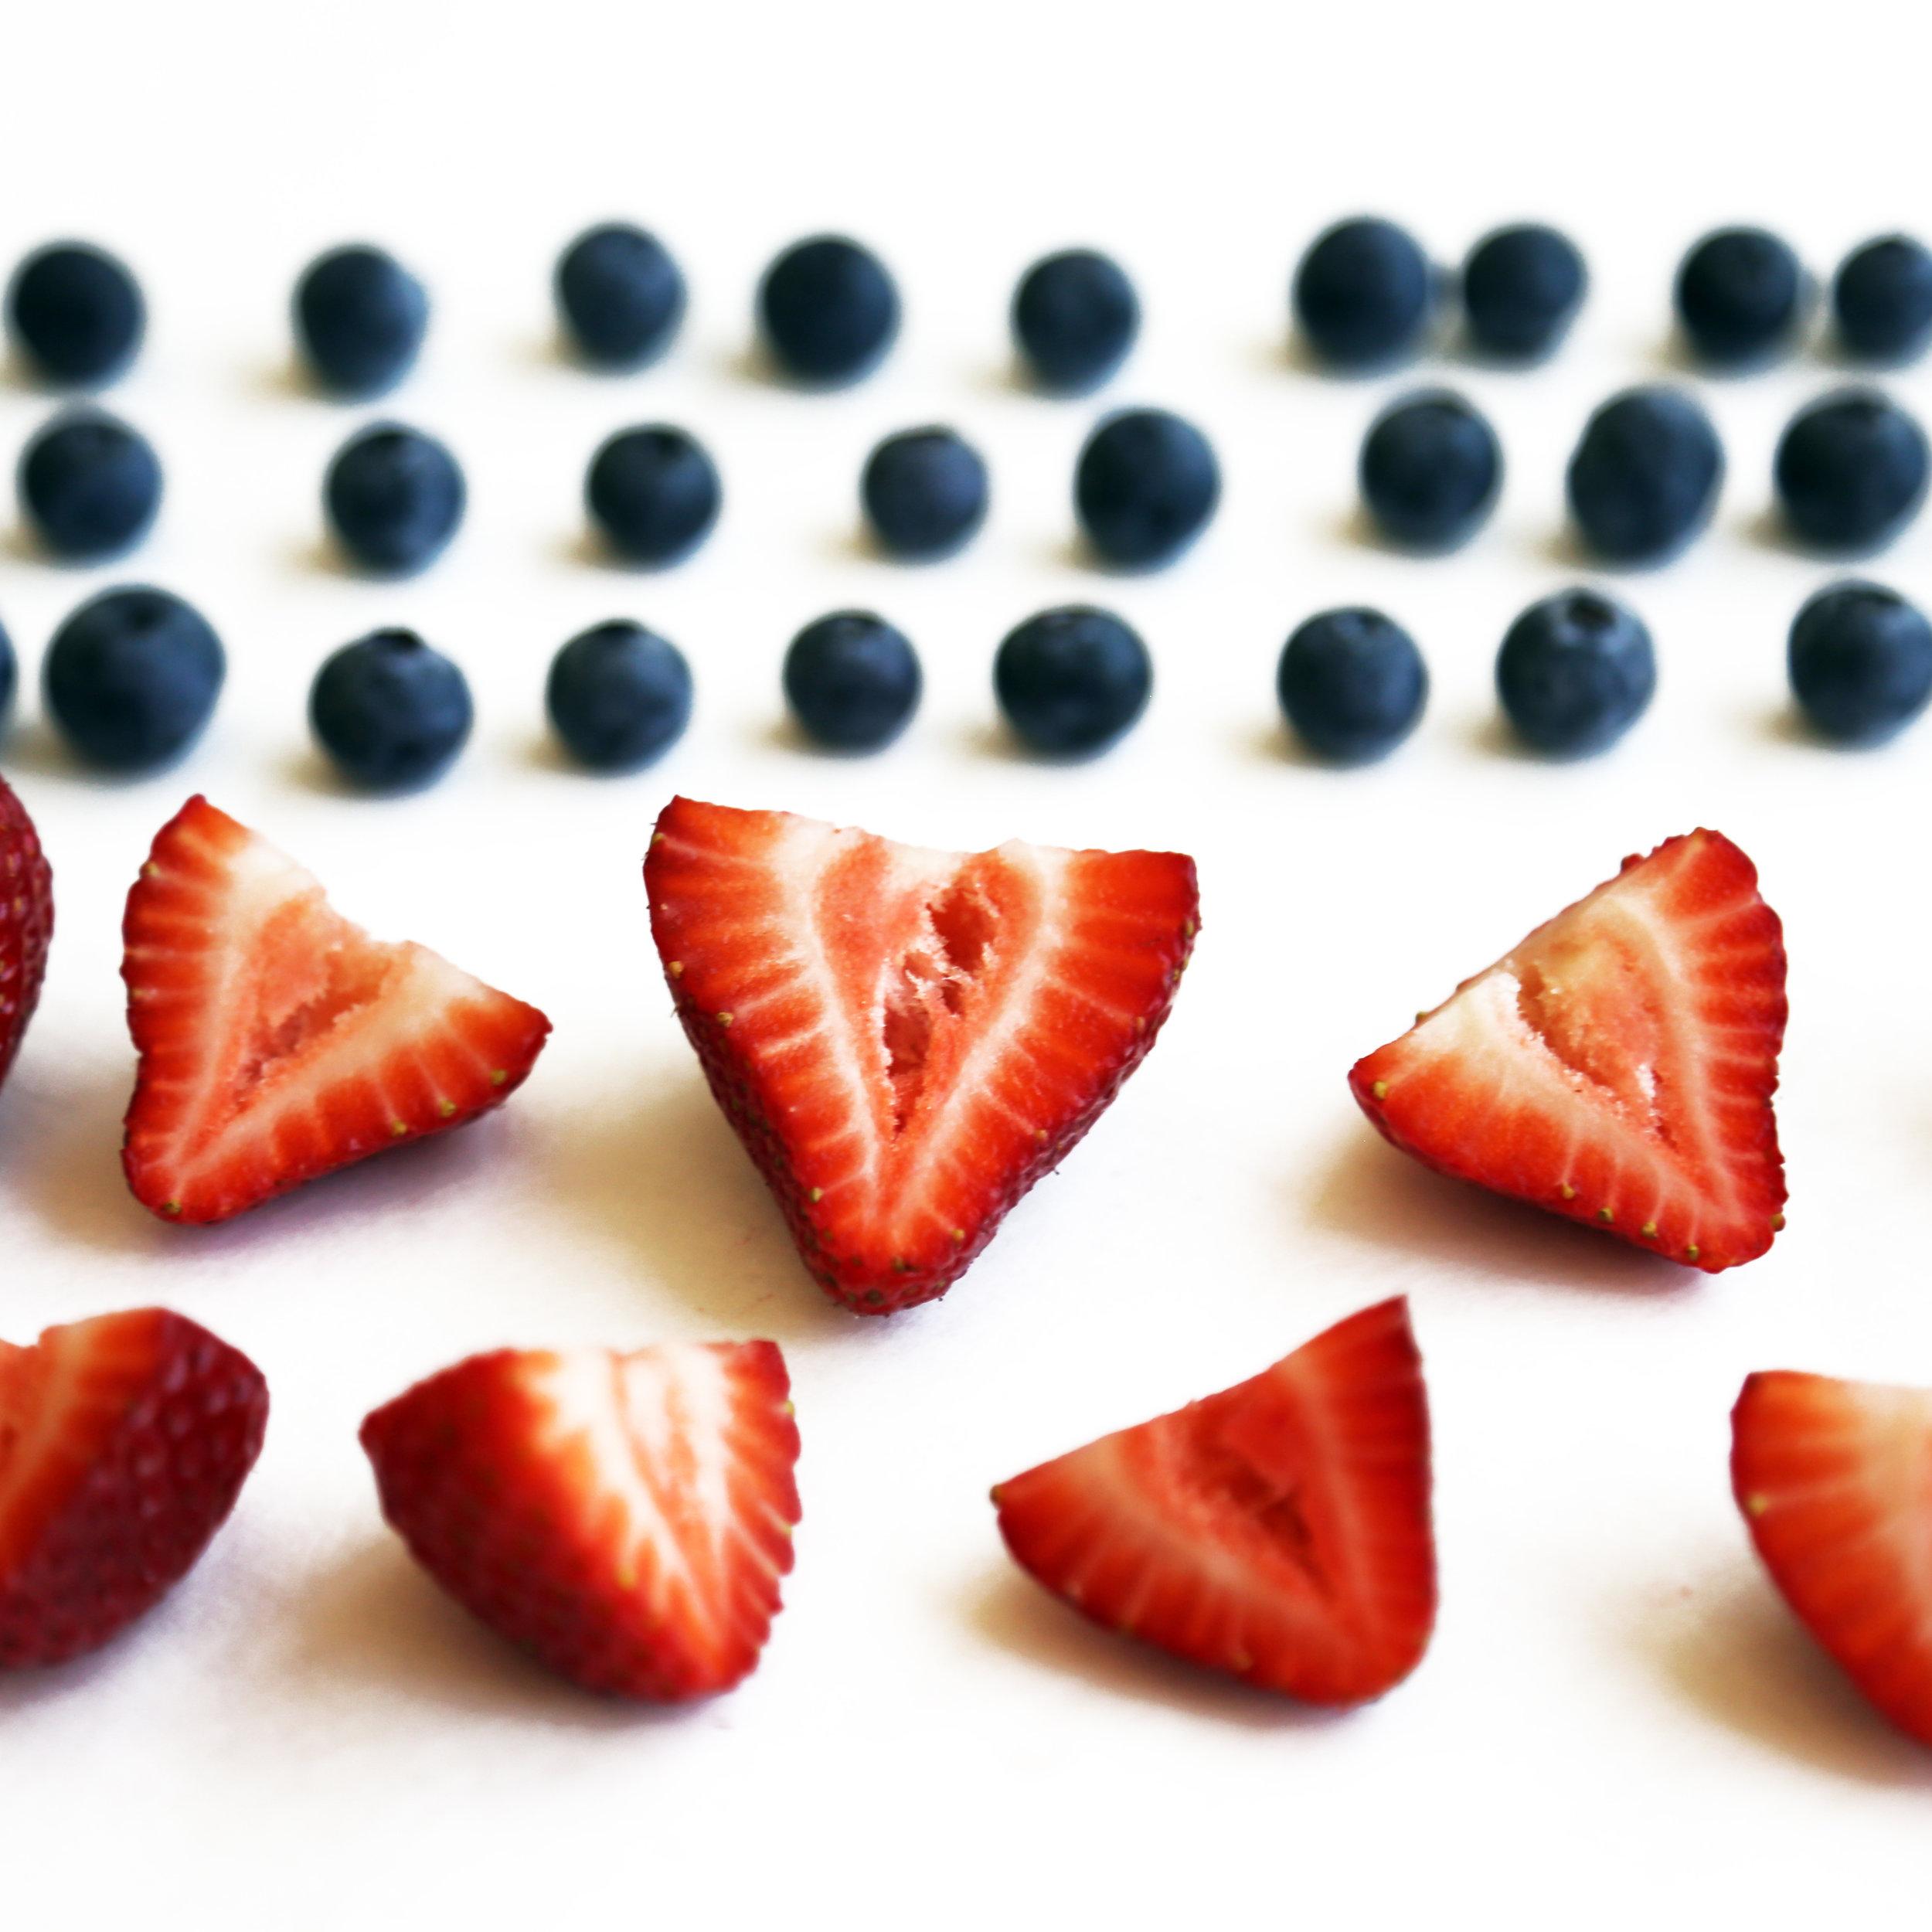 july 4 berries.jpg